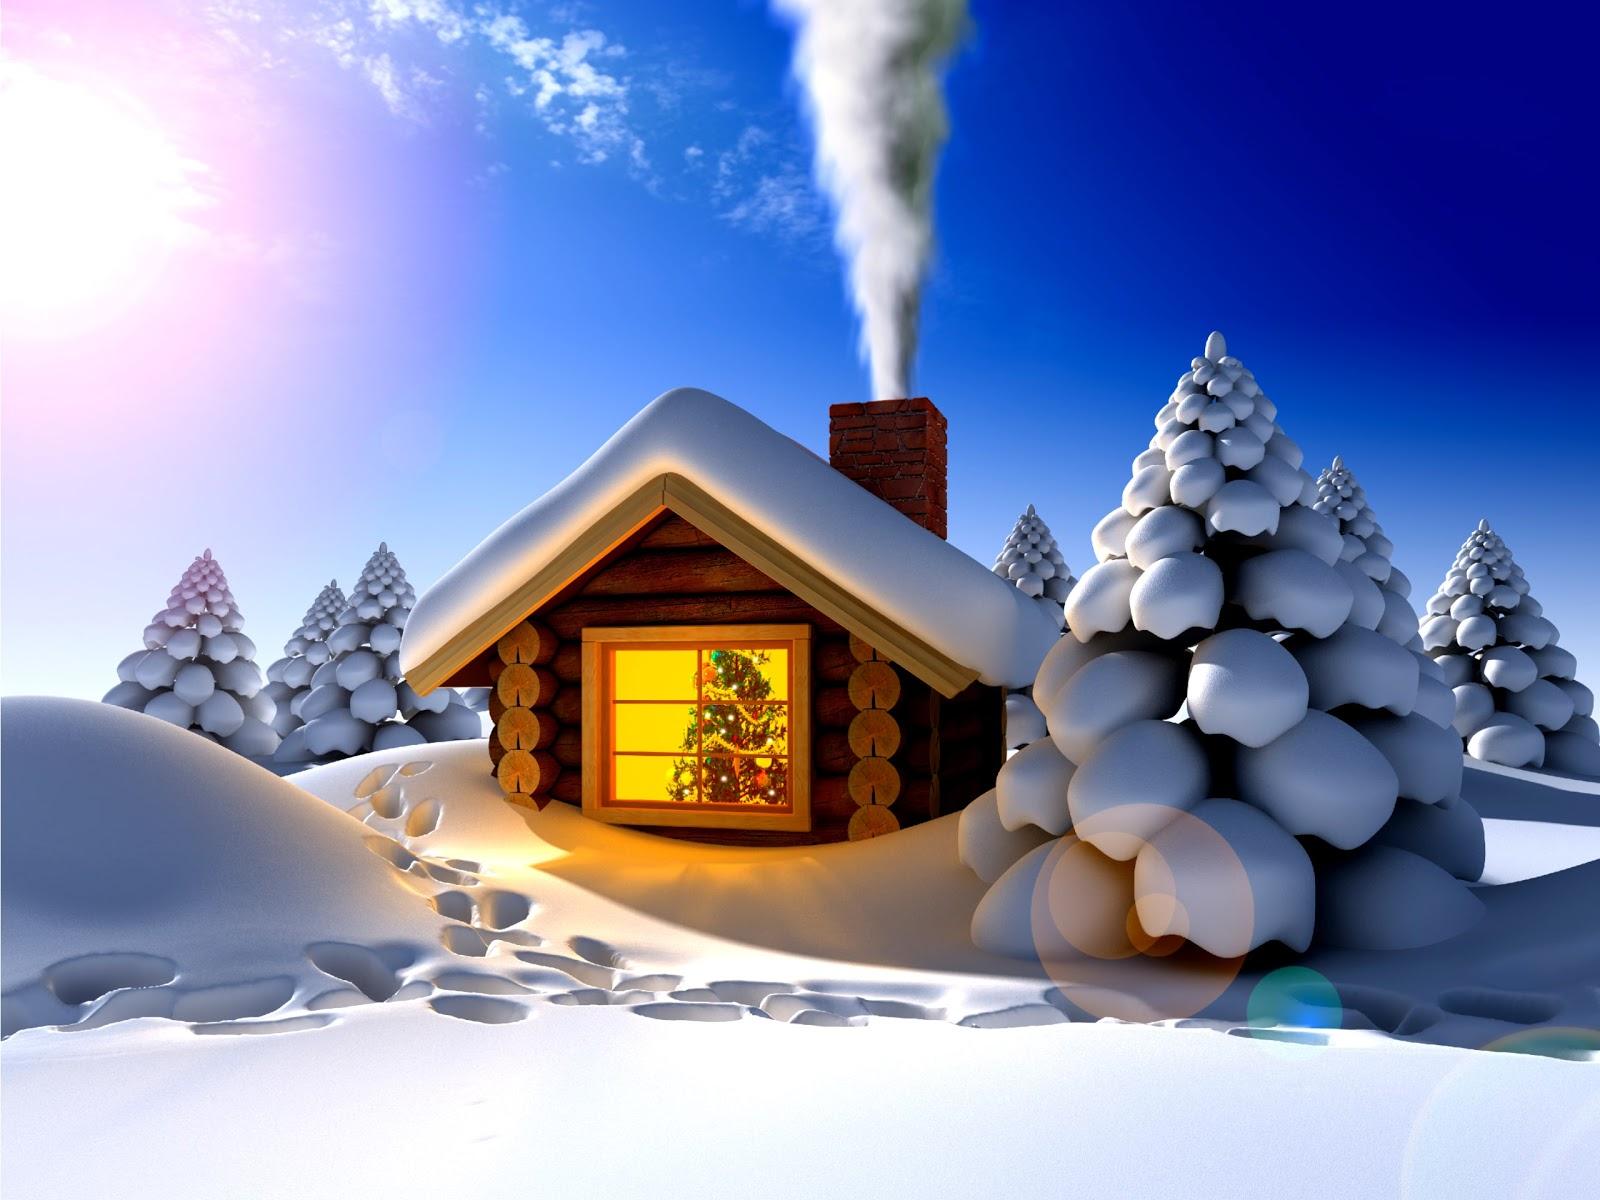 3D, neve, casa in legno, finestra, pini, impronte